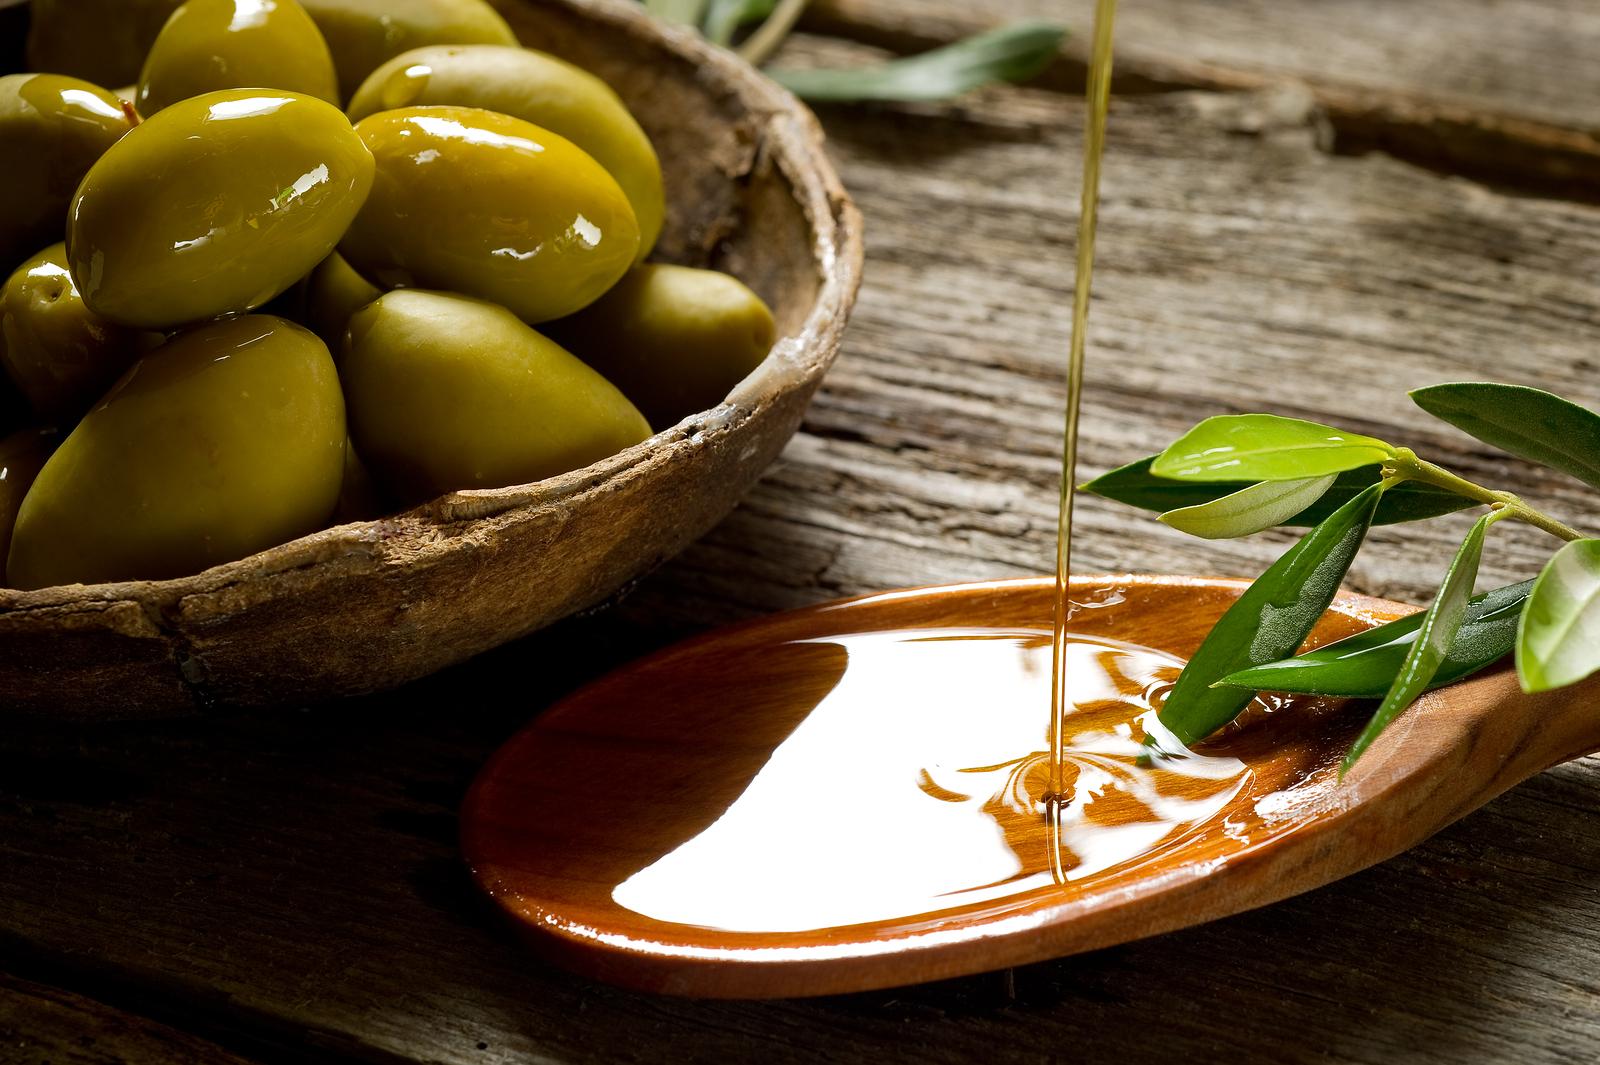 Olio evo: usi e consumi alternativi